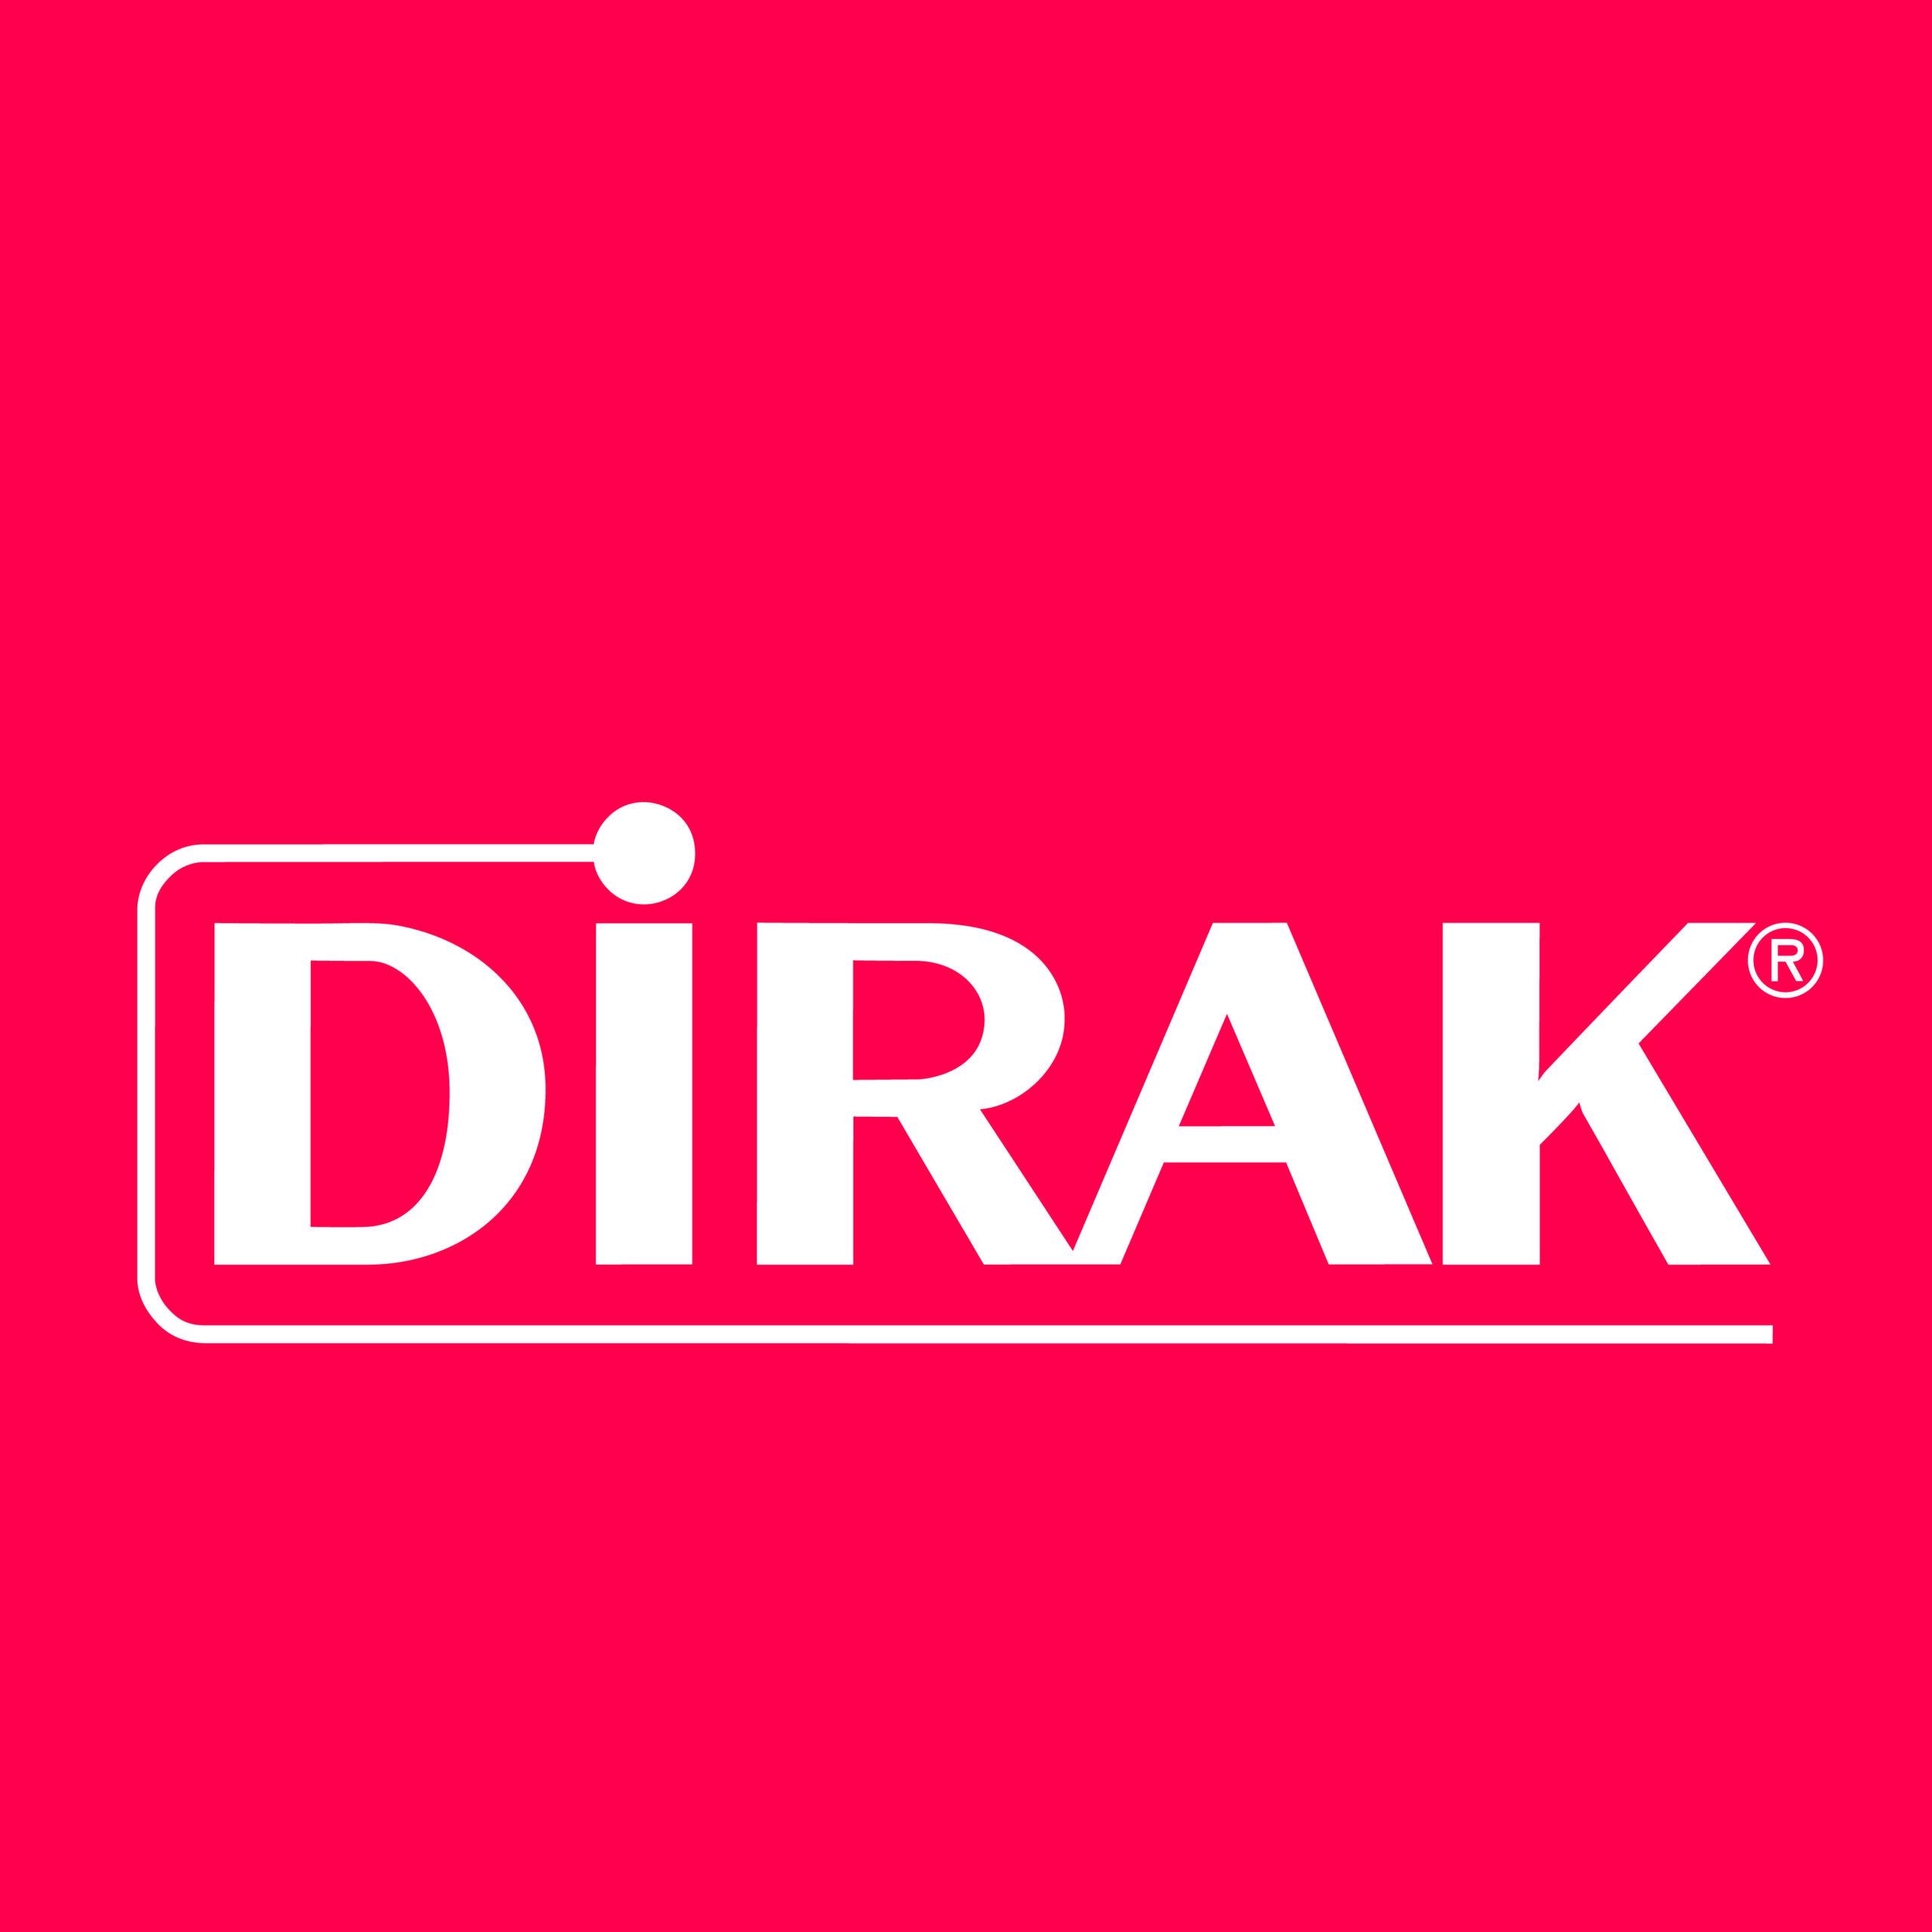 DIRAK logo